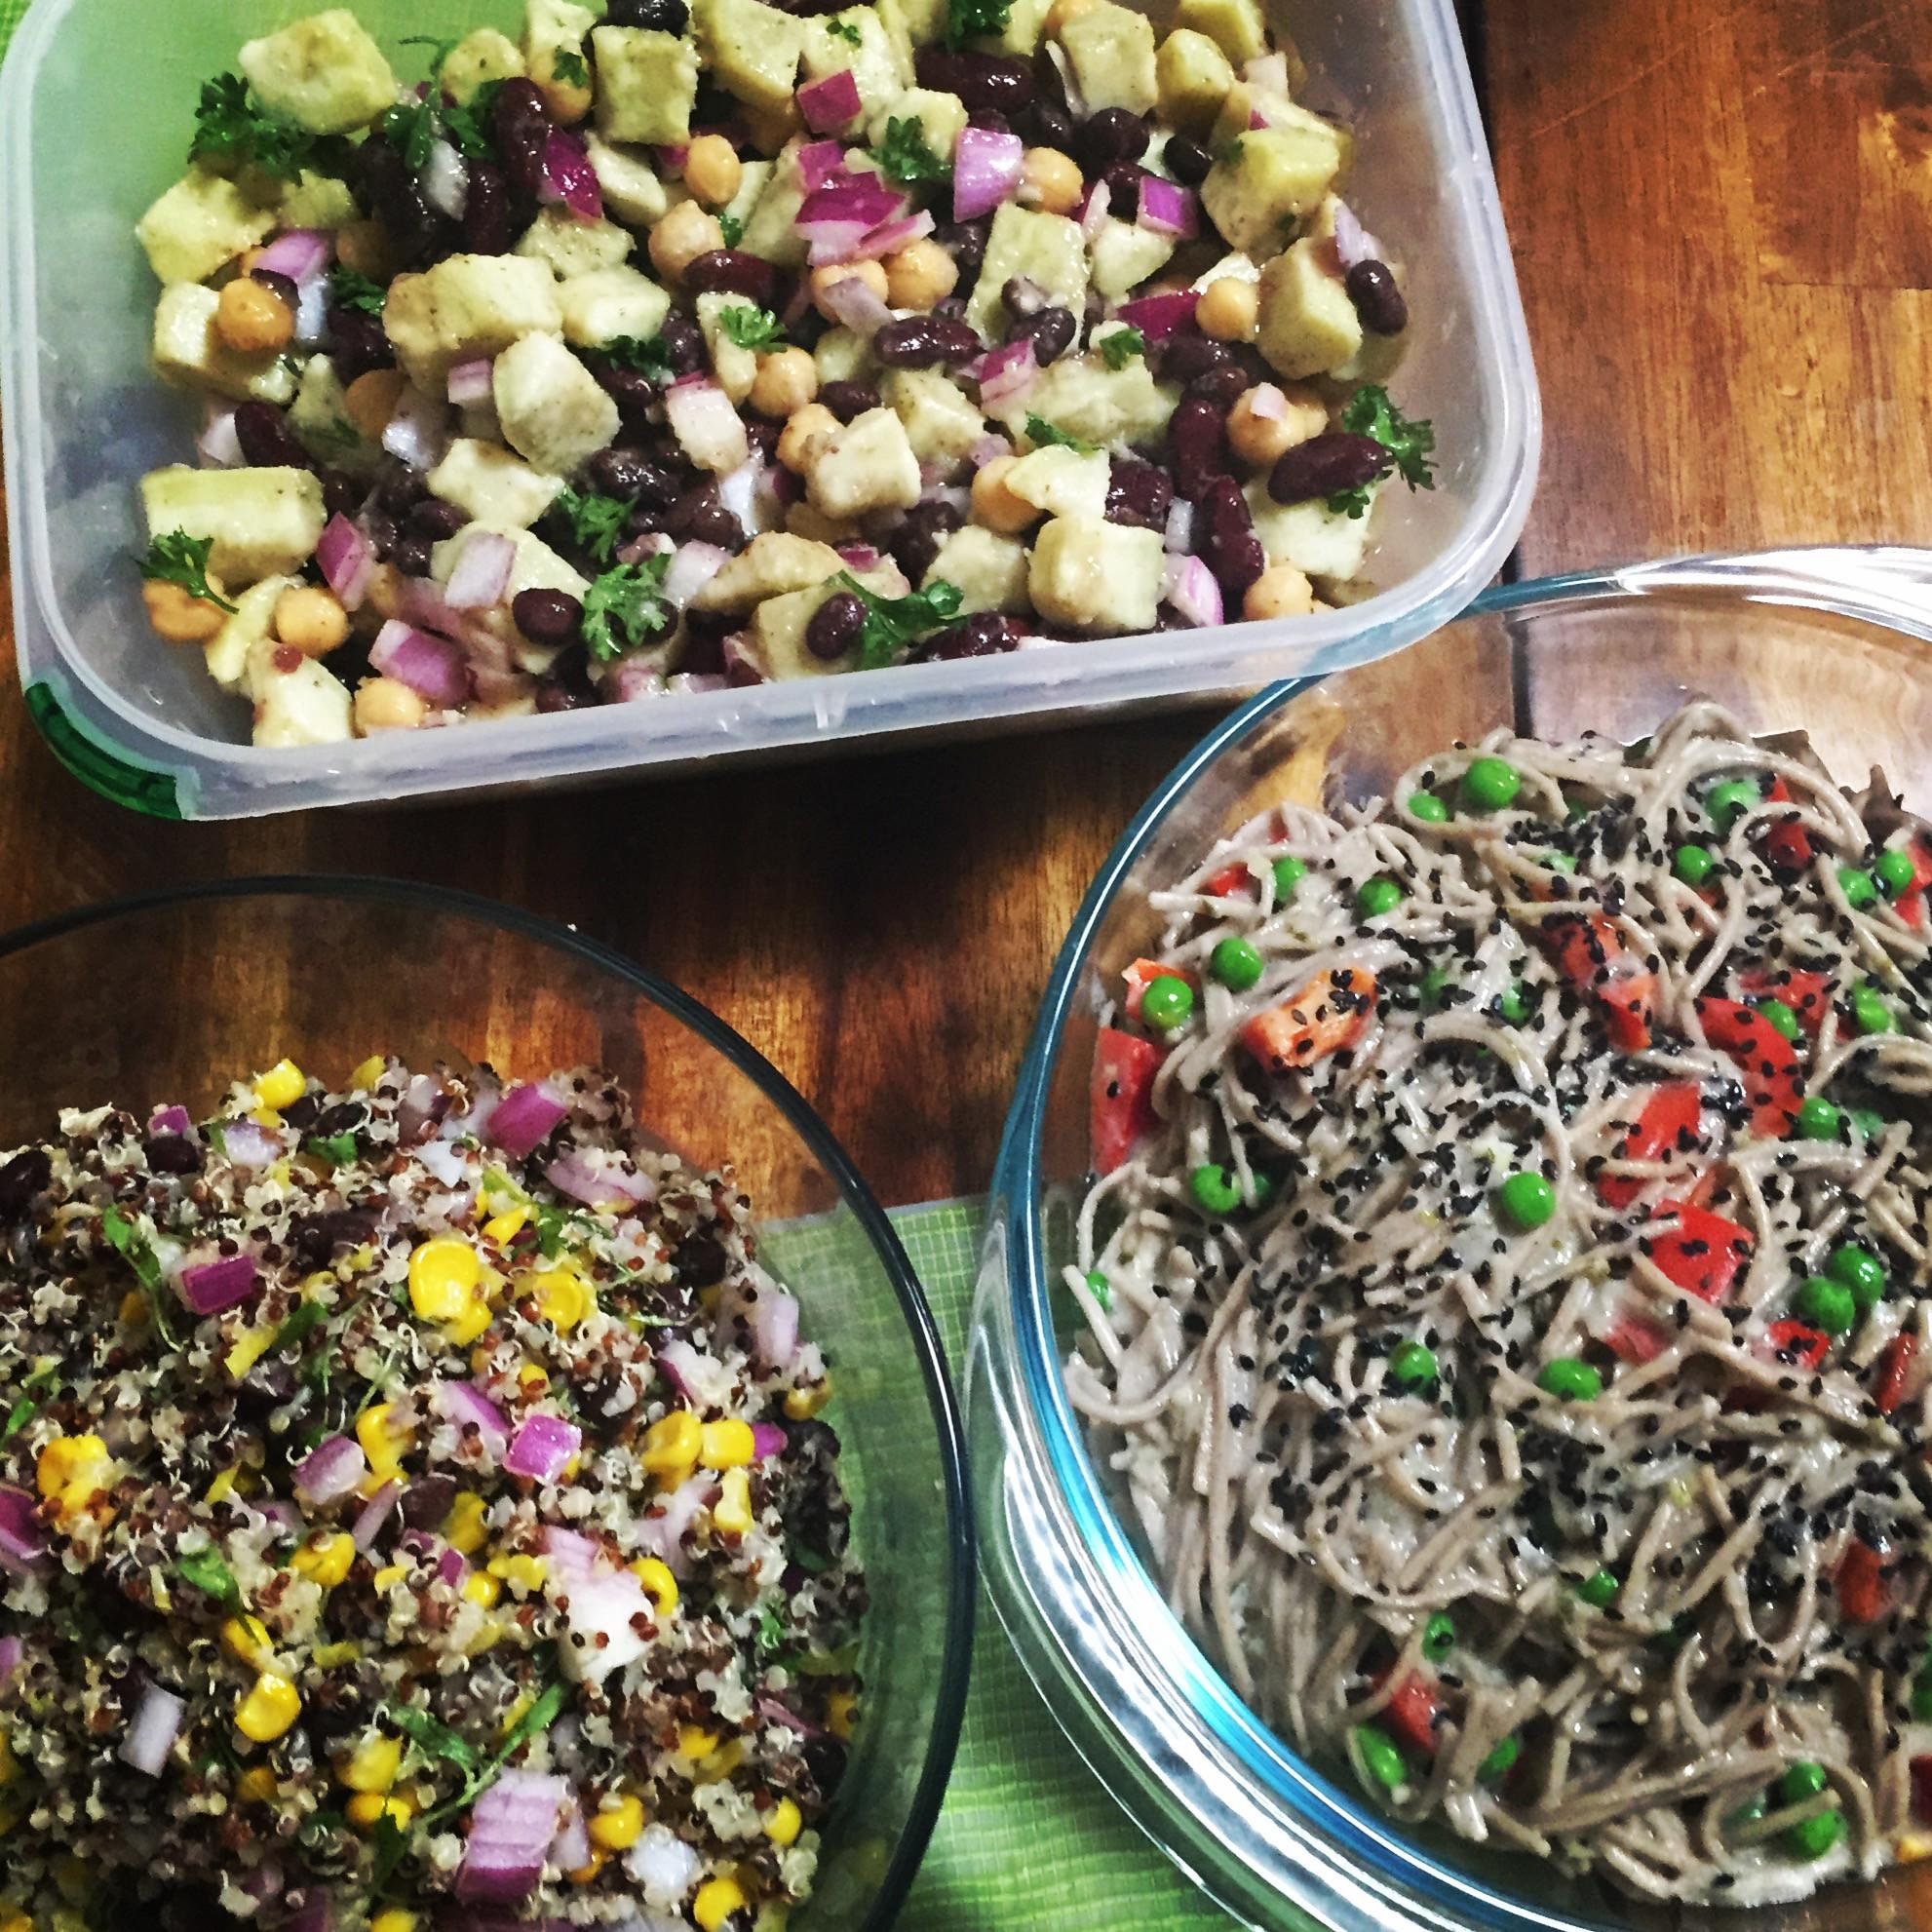 Vegan Summer Recipes  Summer Salad Recipes Vegan & Gluten Free